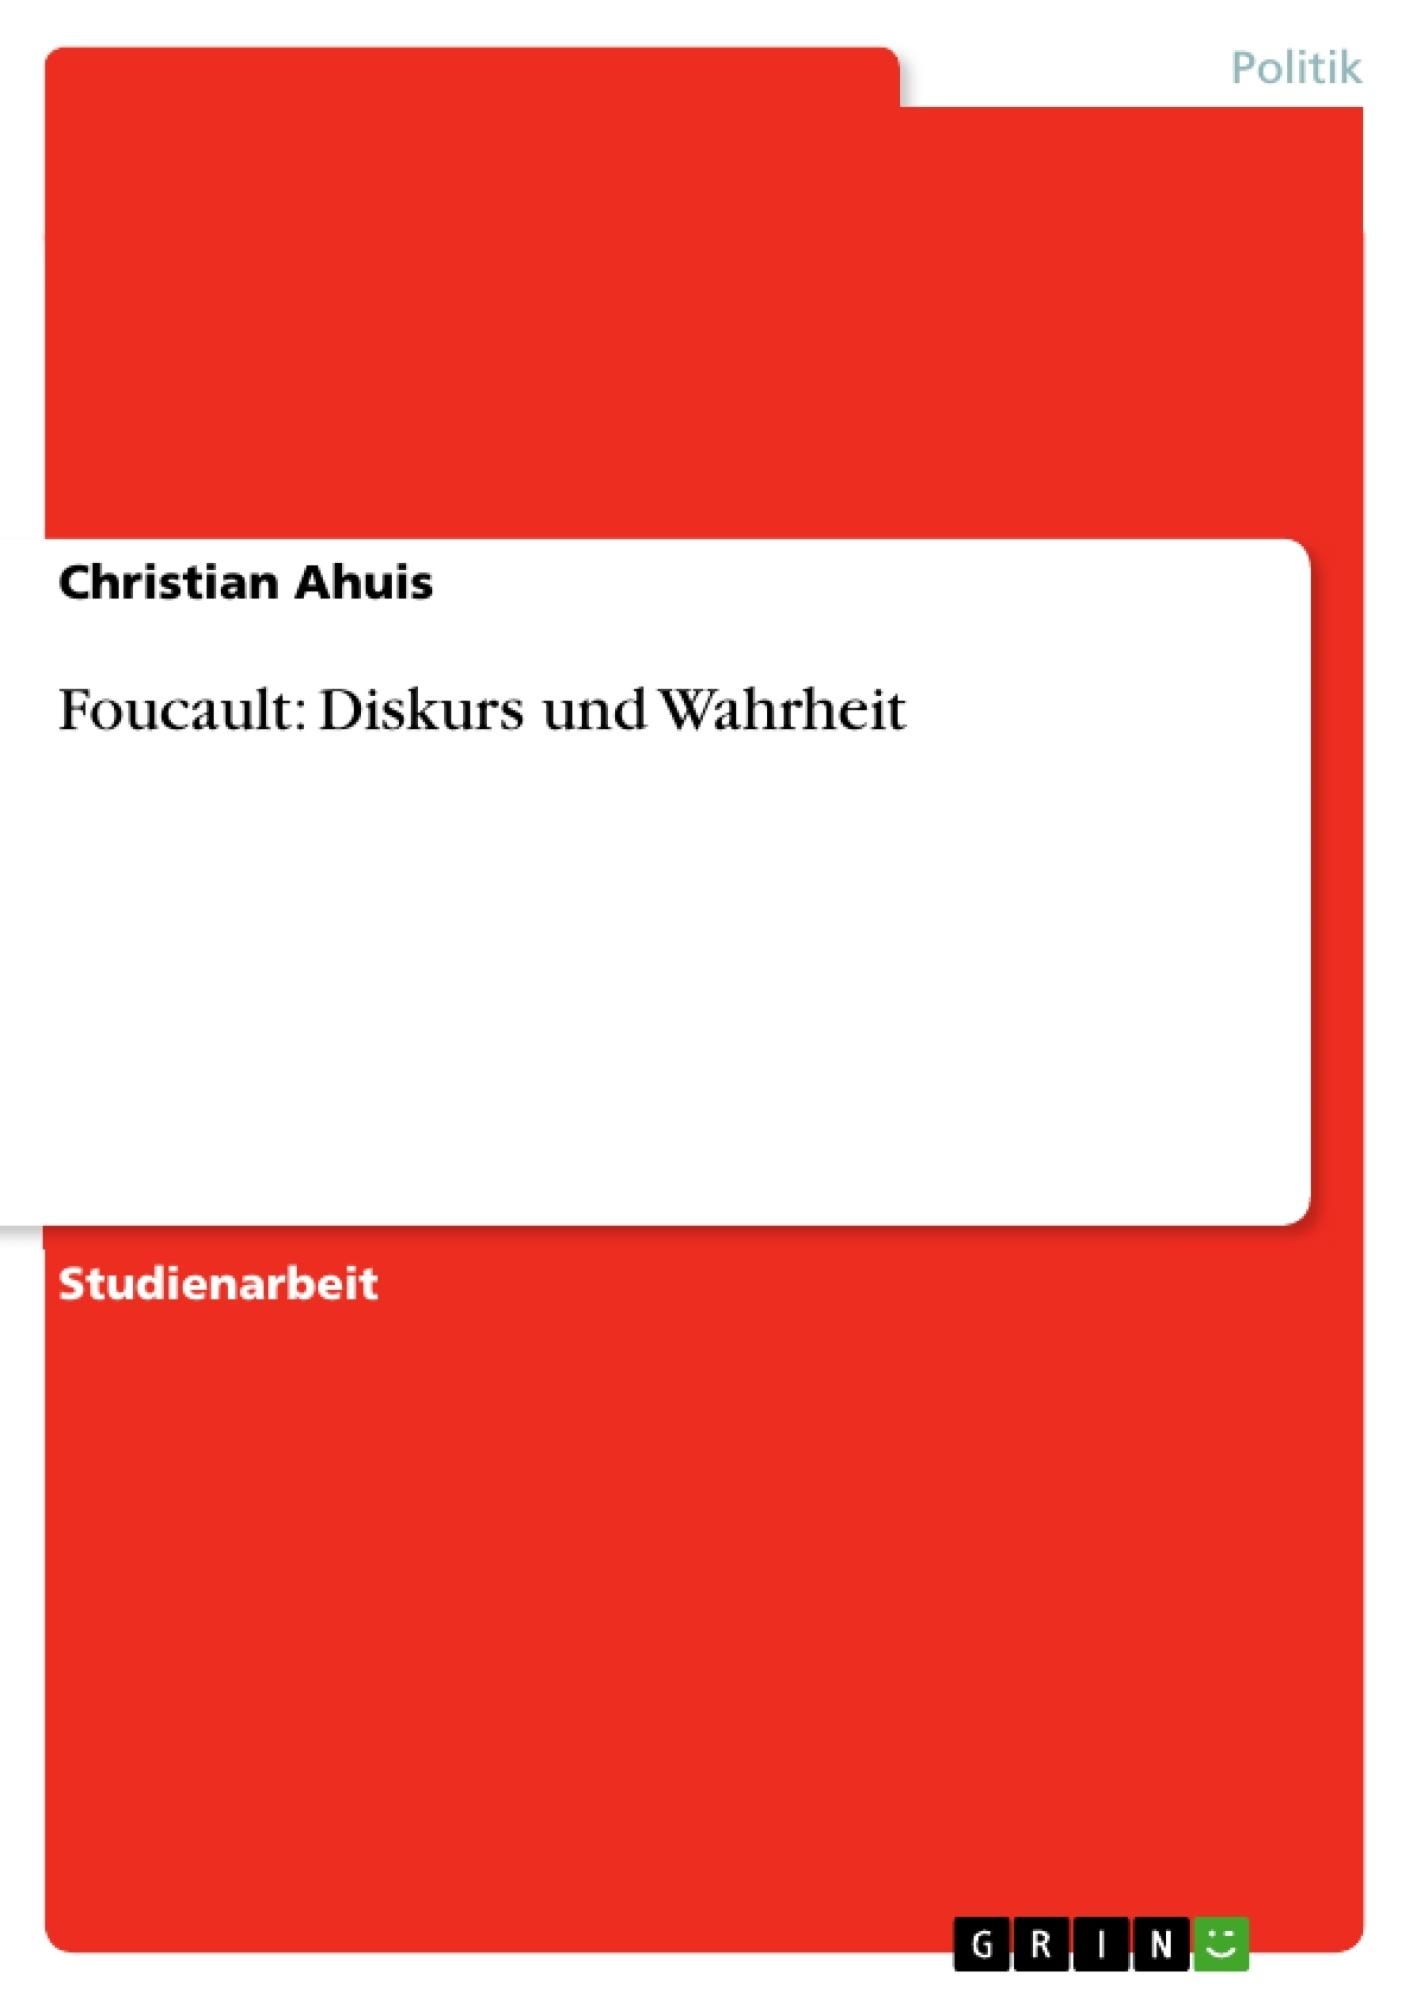 Titel: Foucault: Diskurs und Wahrheit